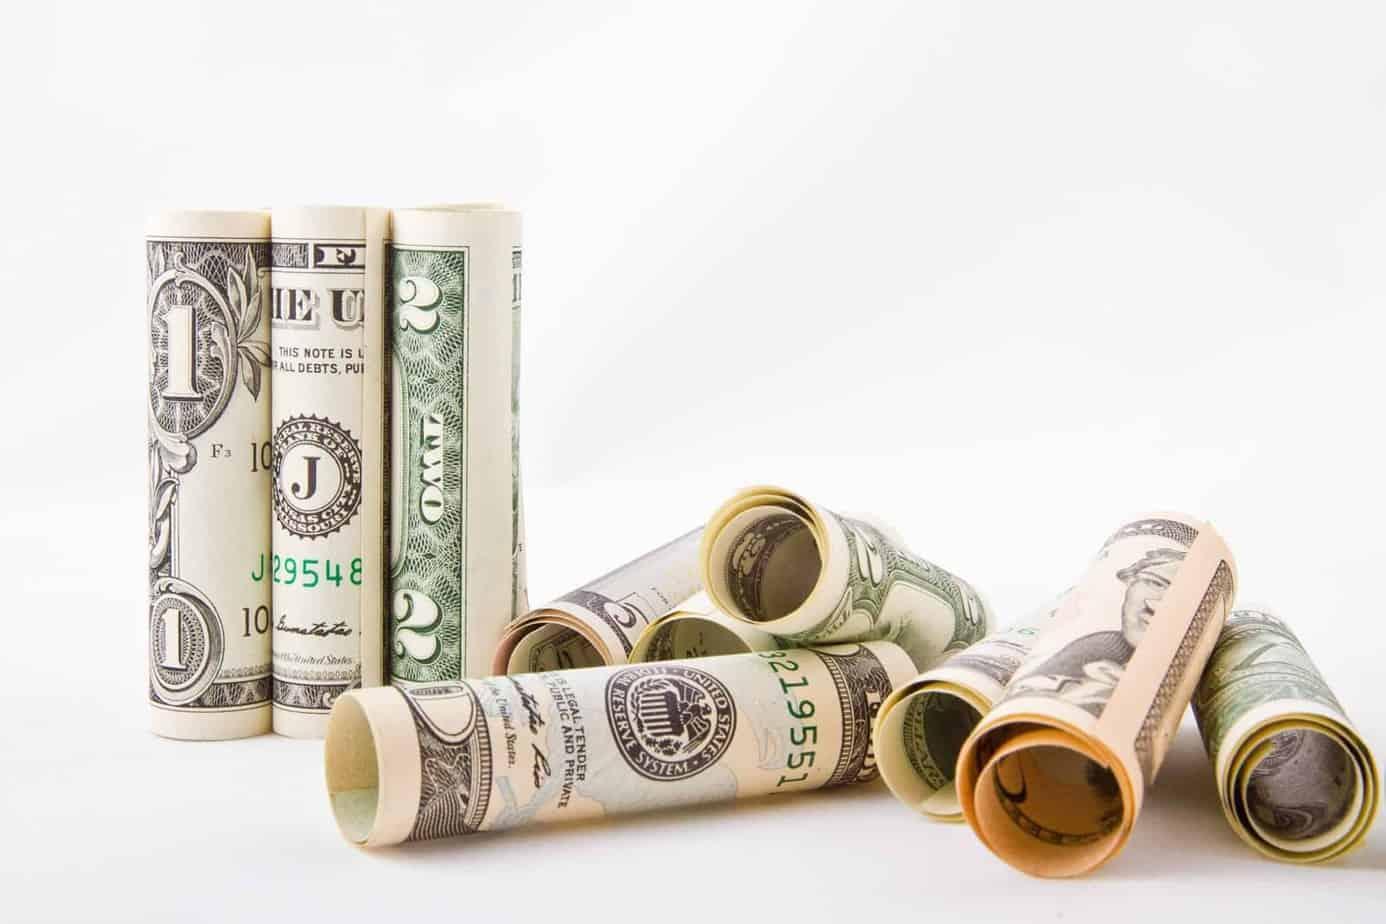 pelnīt naudu internetā, neieguldot uzdevumos cik mēnesī nopelna vadošā māja 2